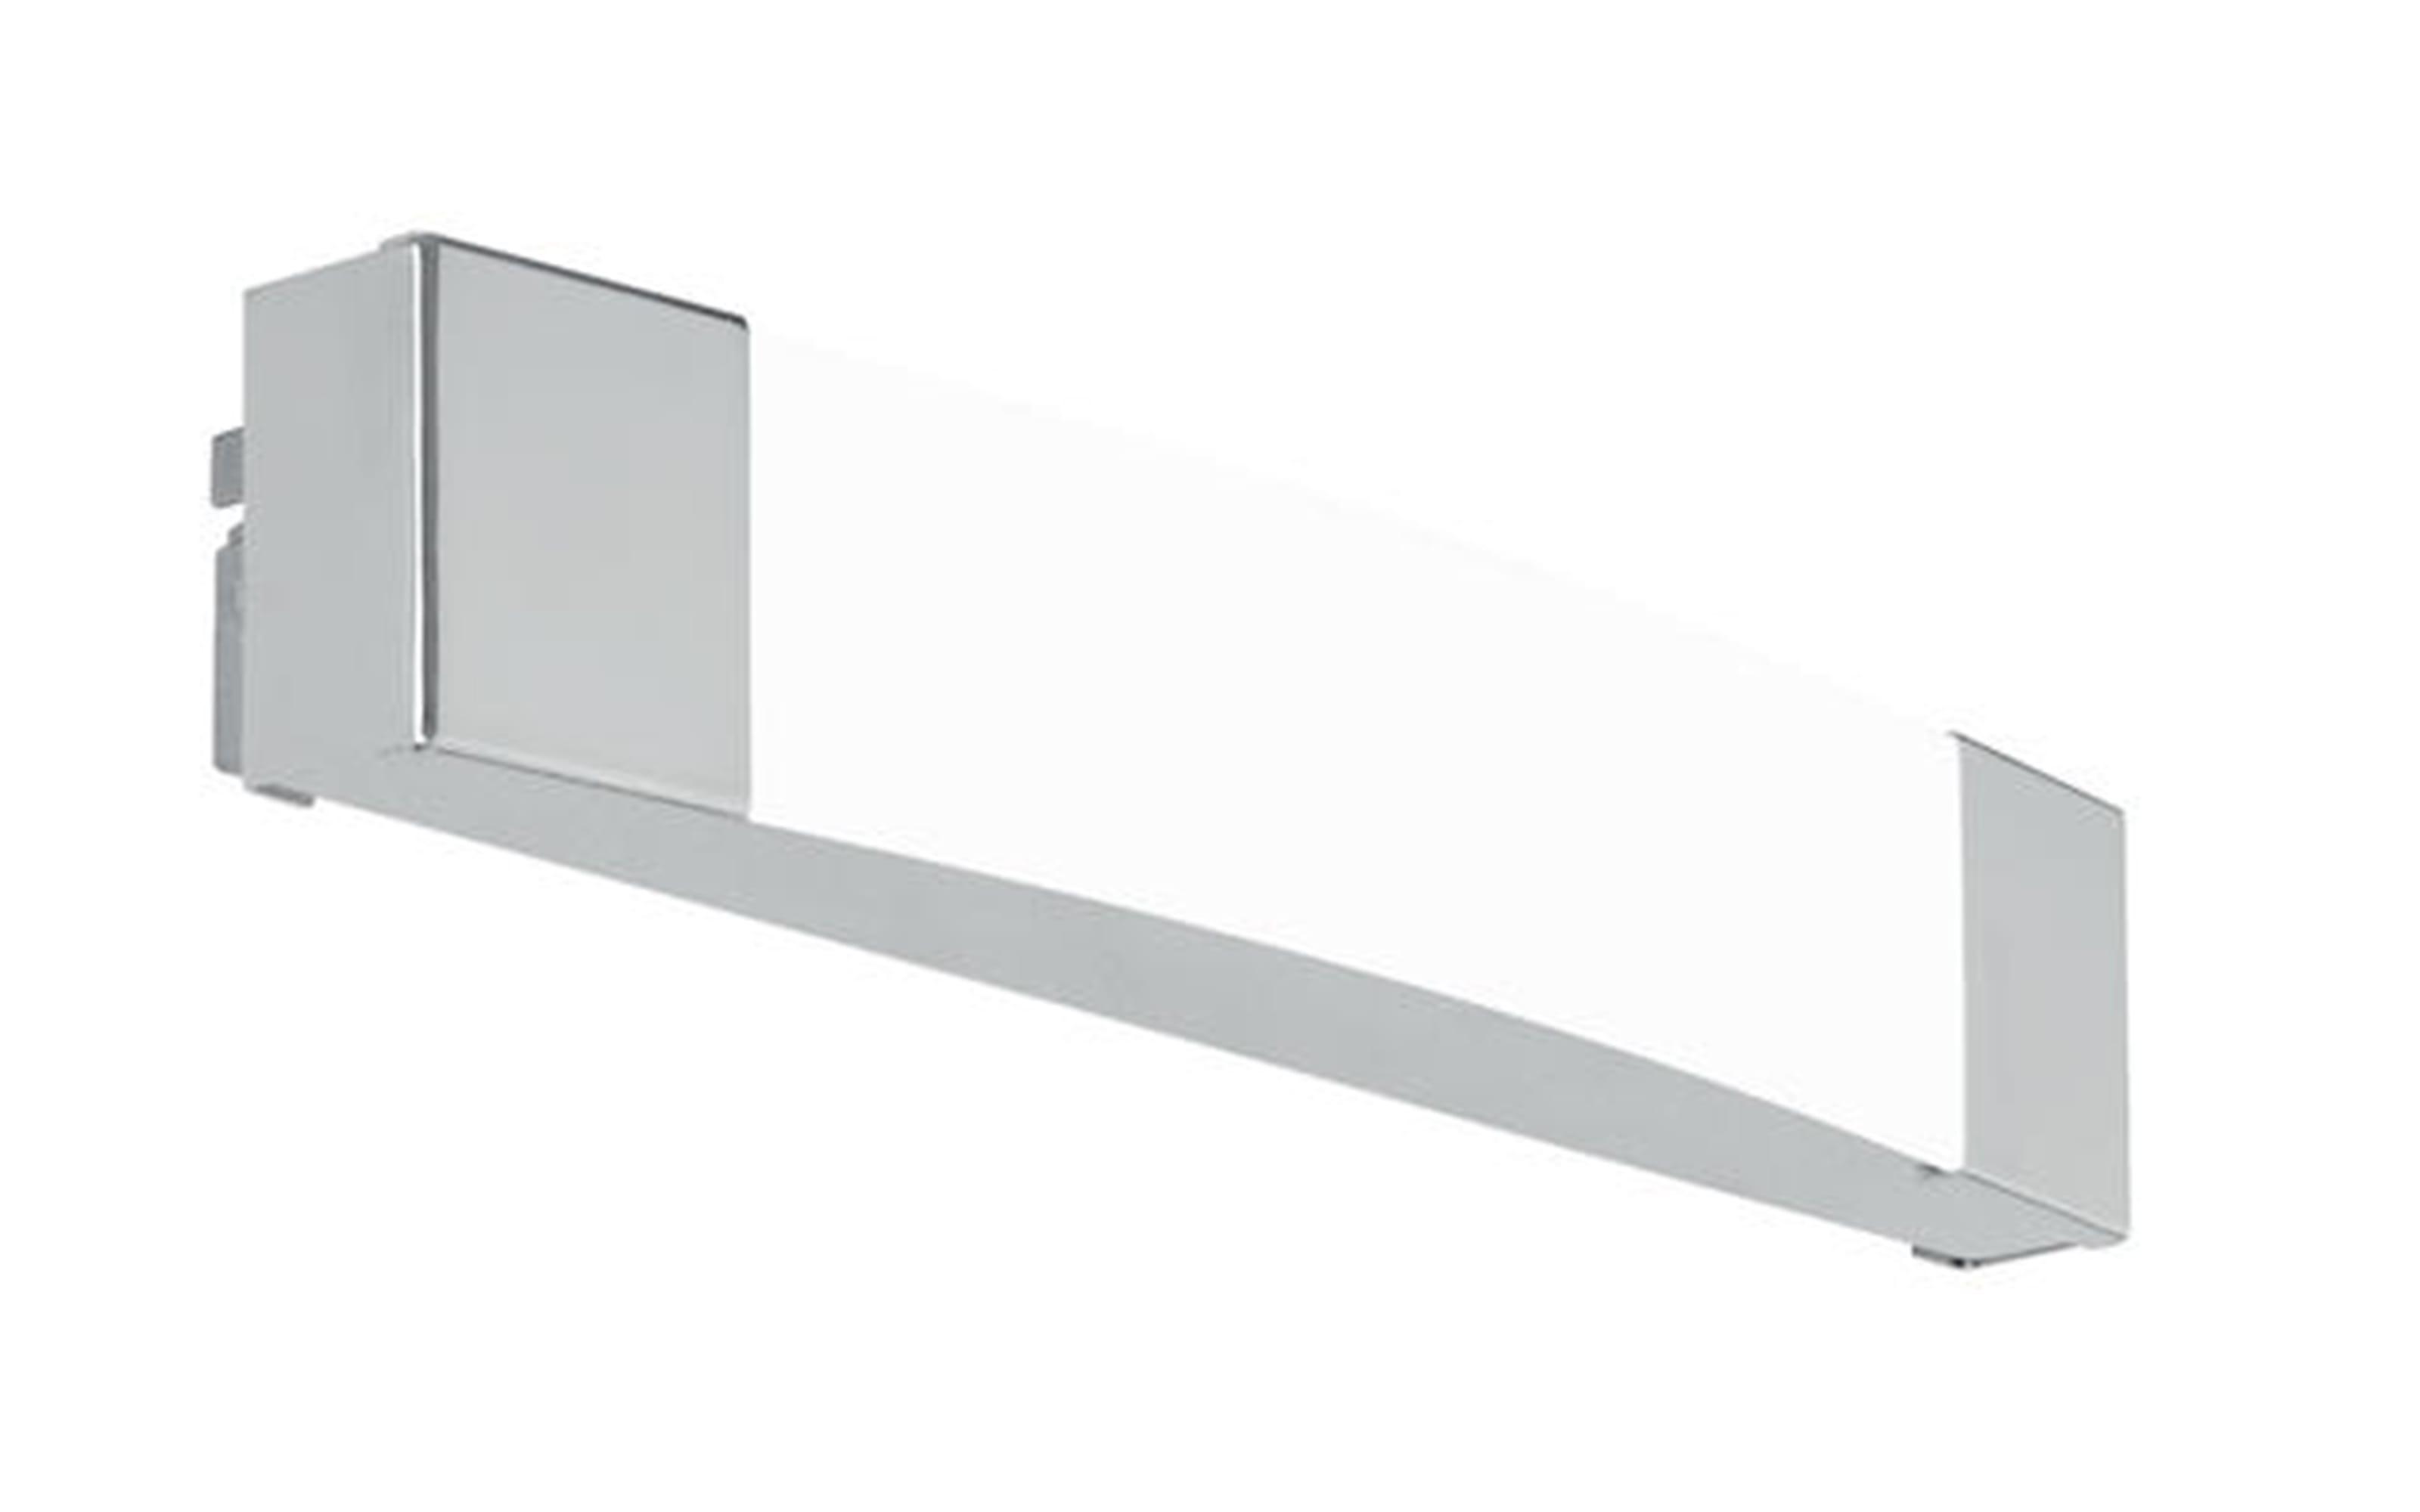 LED-Spiegelleuchte Siderno in chromfarbig, 35 cm